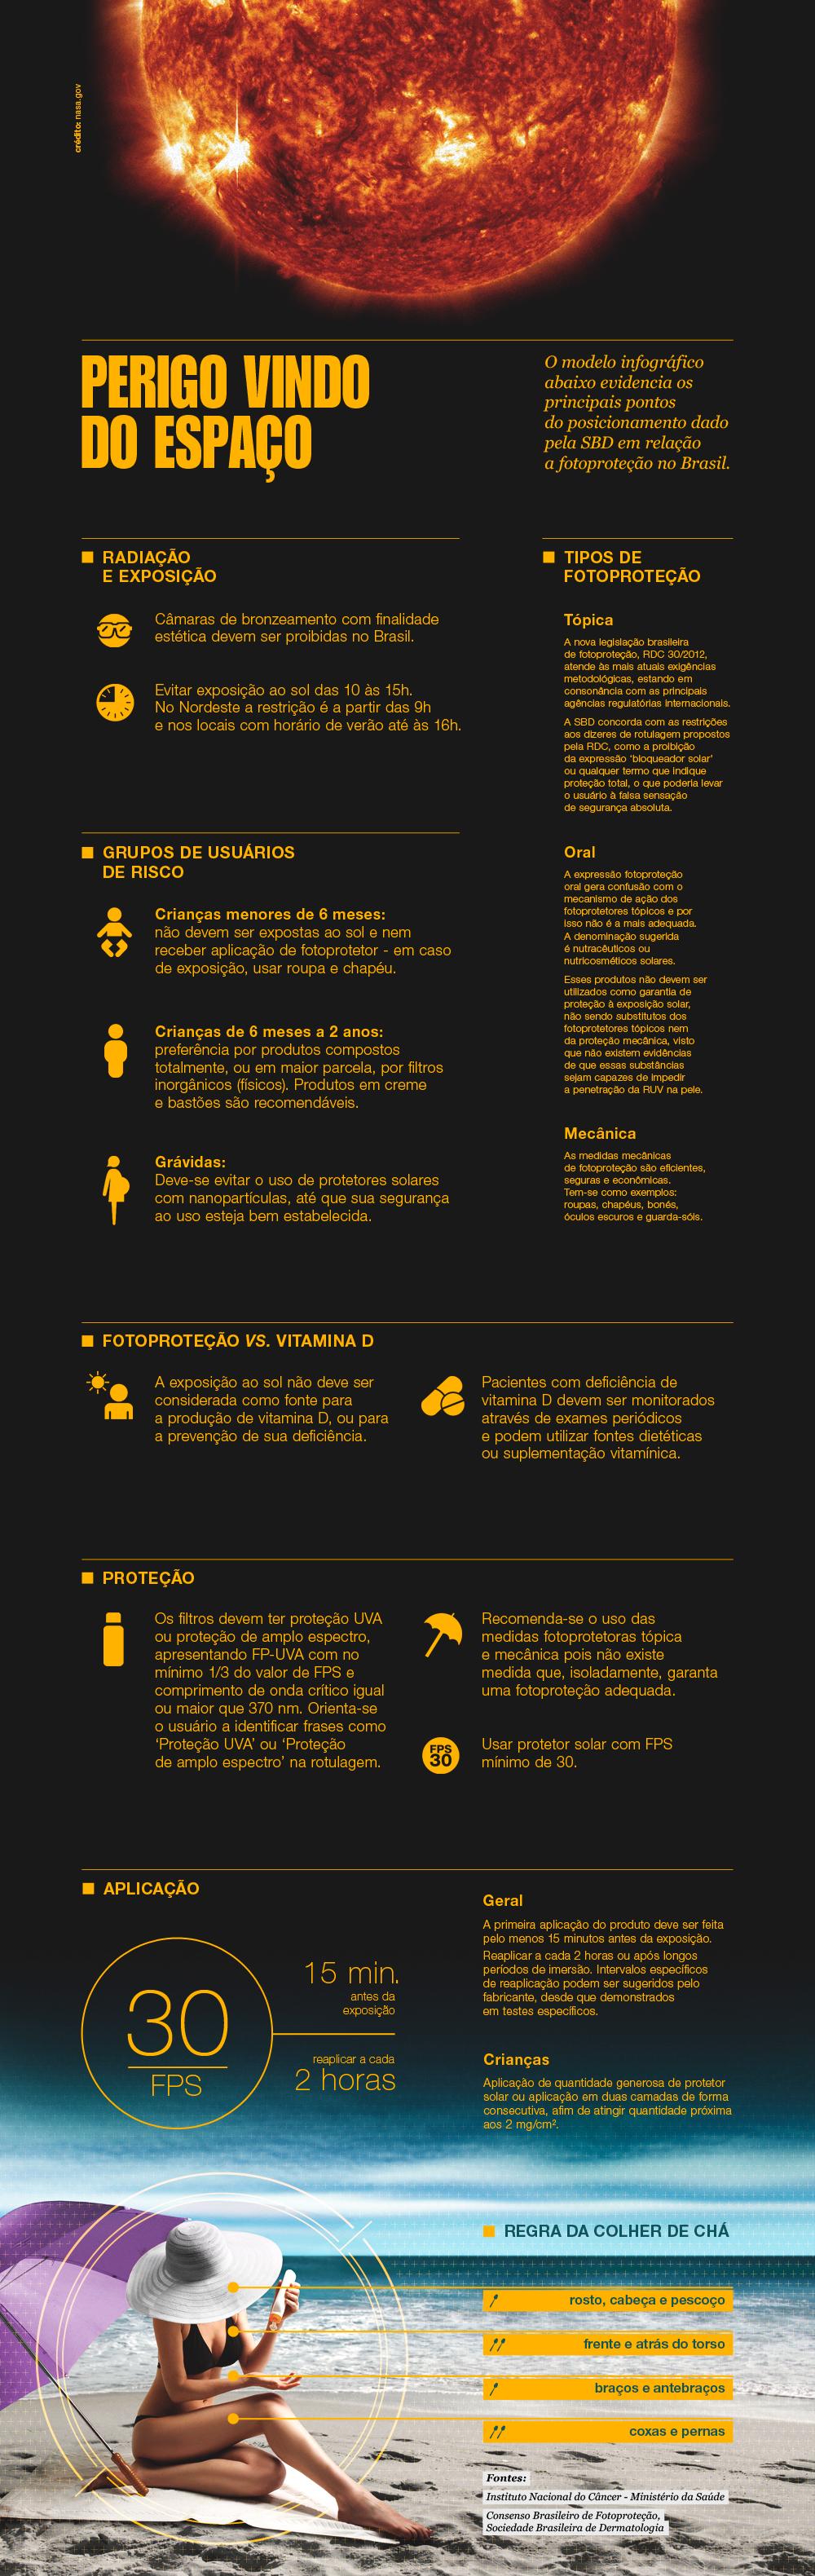 consenso brasileiro de fotoprotecao infografico